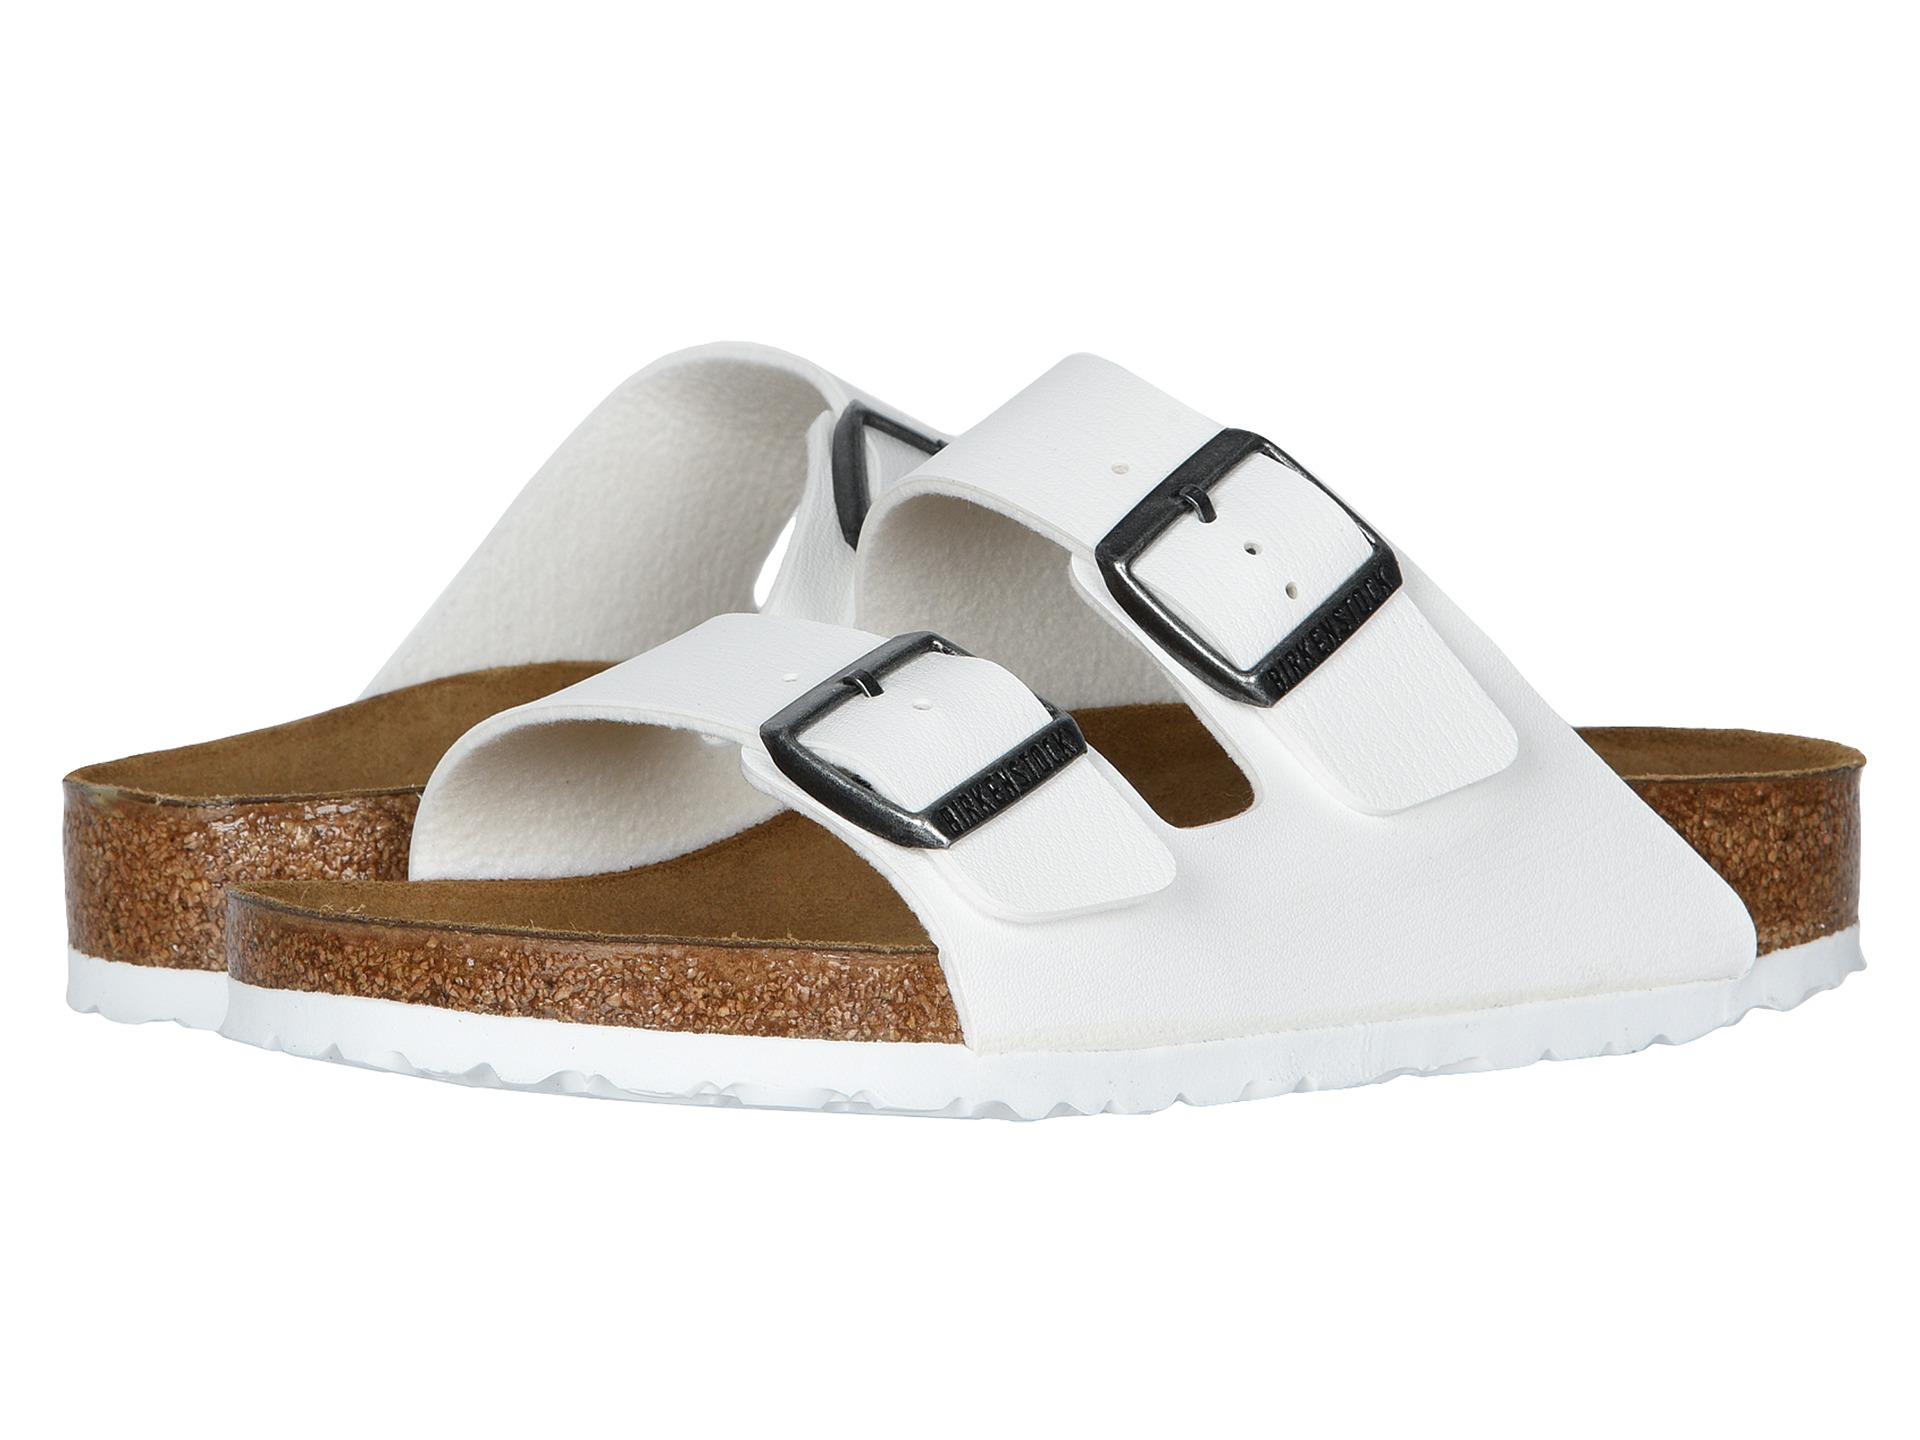 Zappos Shoes White